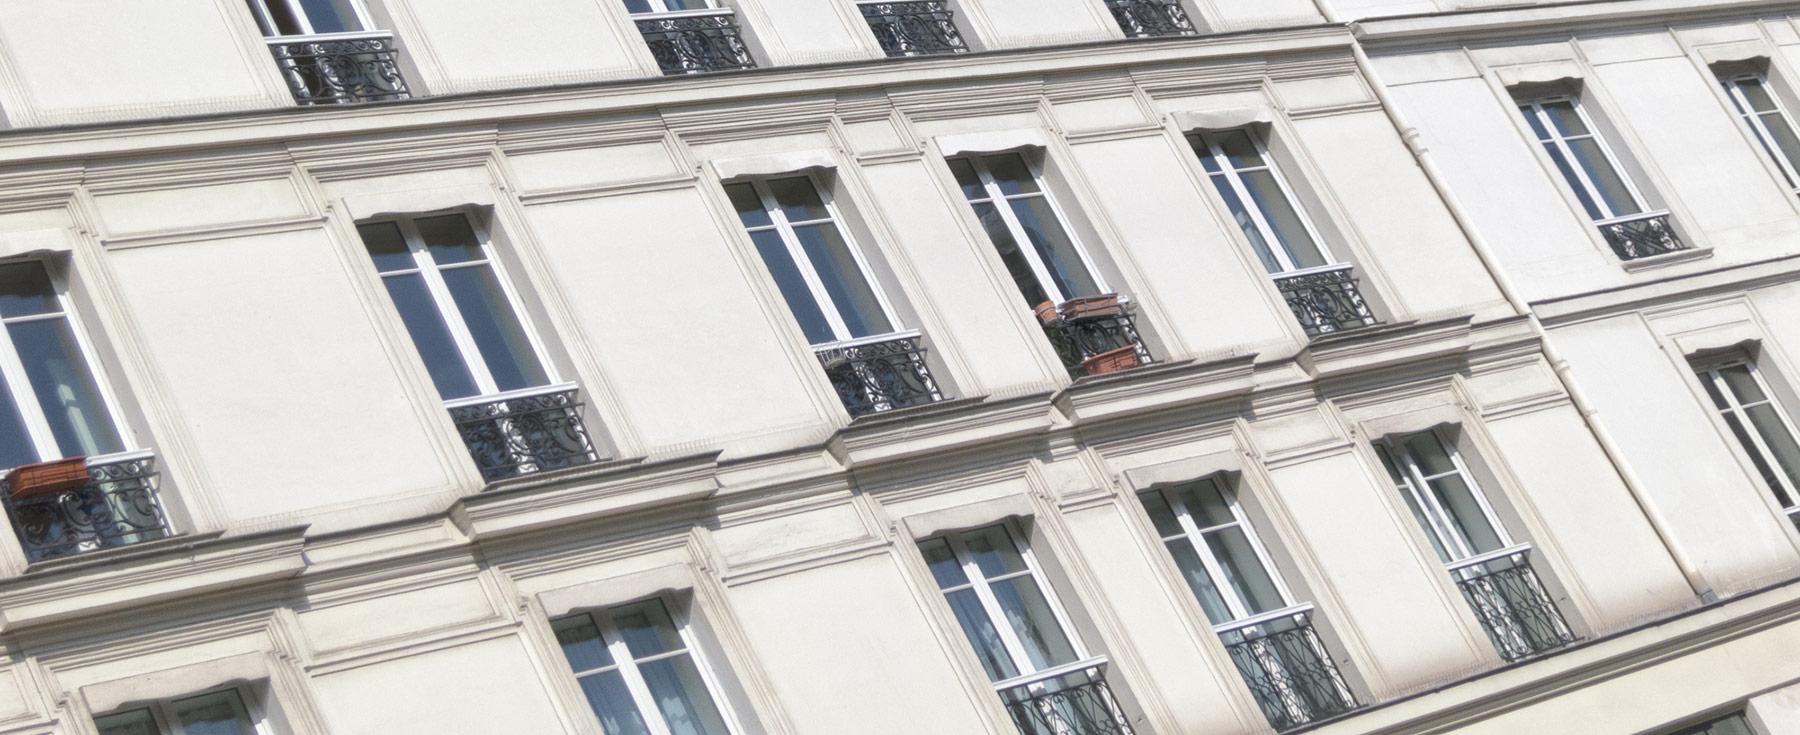 Journée Appartements Pédagogiques du 6 octobre : compte rendu et documents